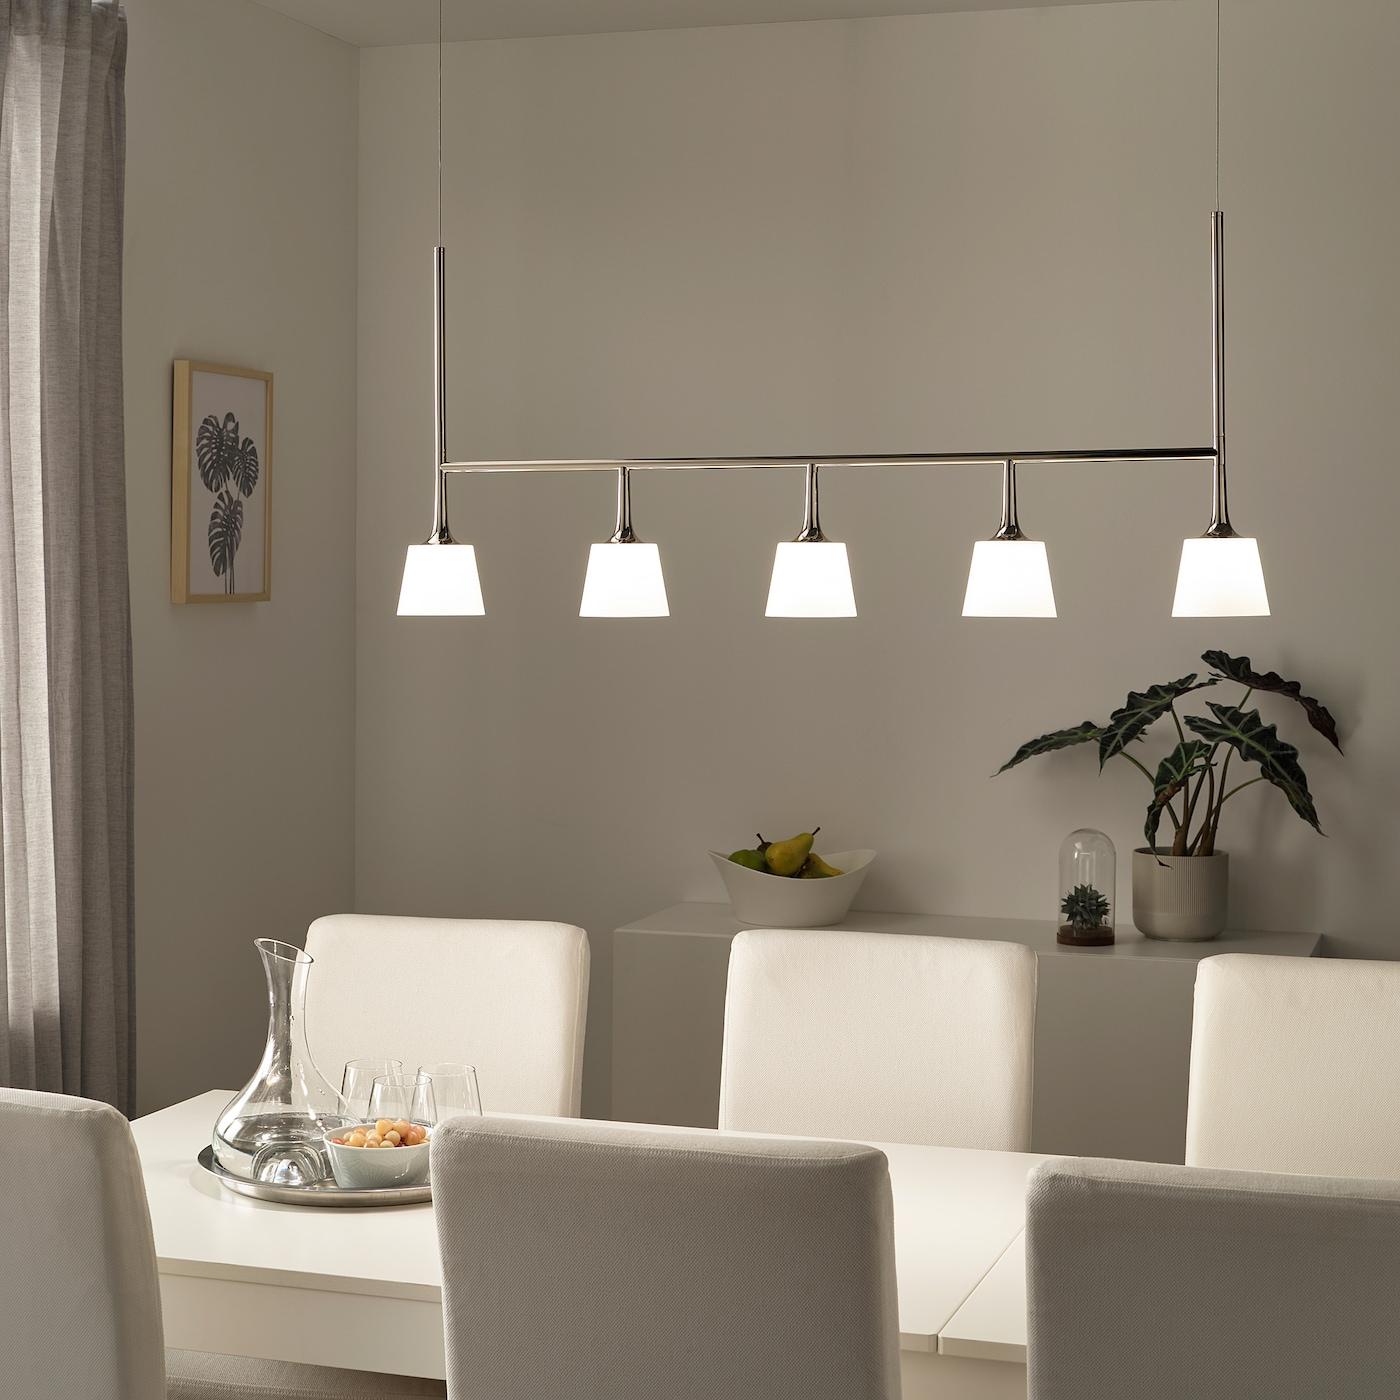 TYBBLE Hängeleuchte mit 9 Lampen, LED - vernickelt/opalweiß Glas